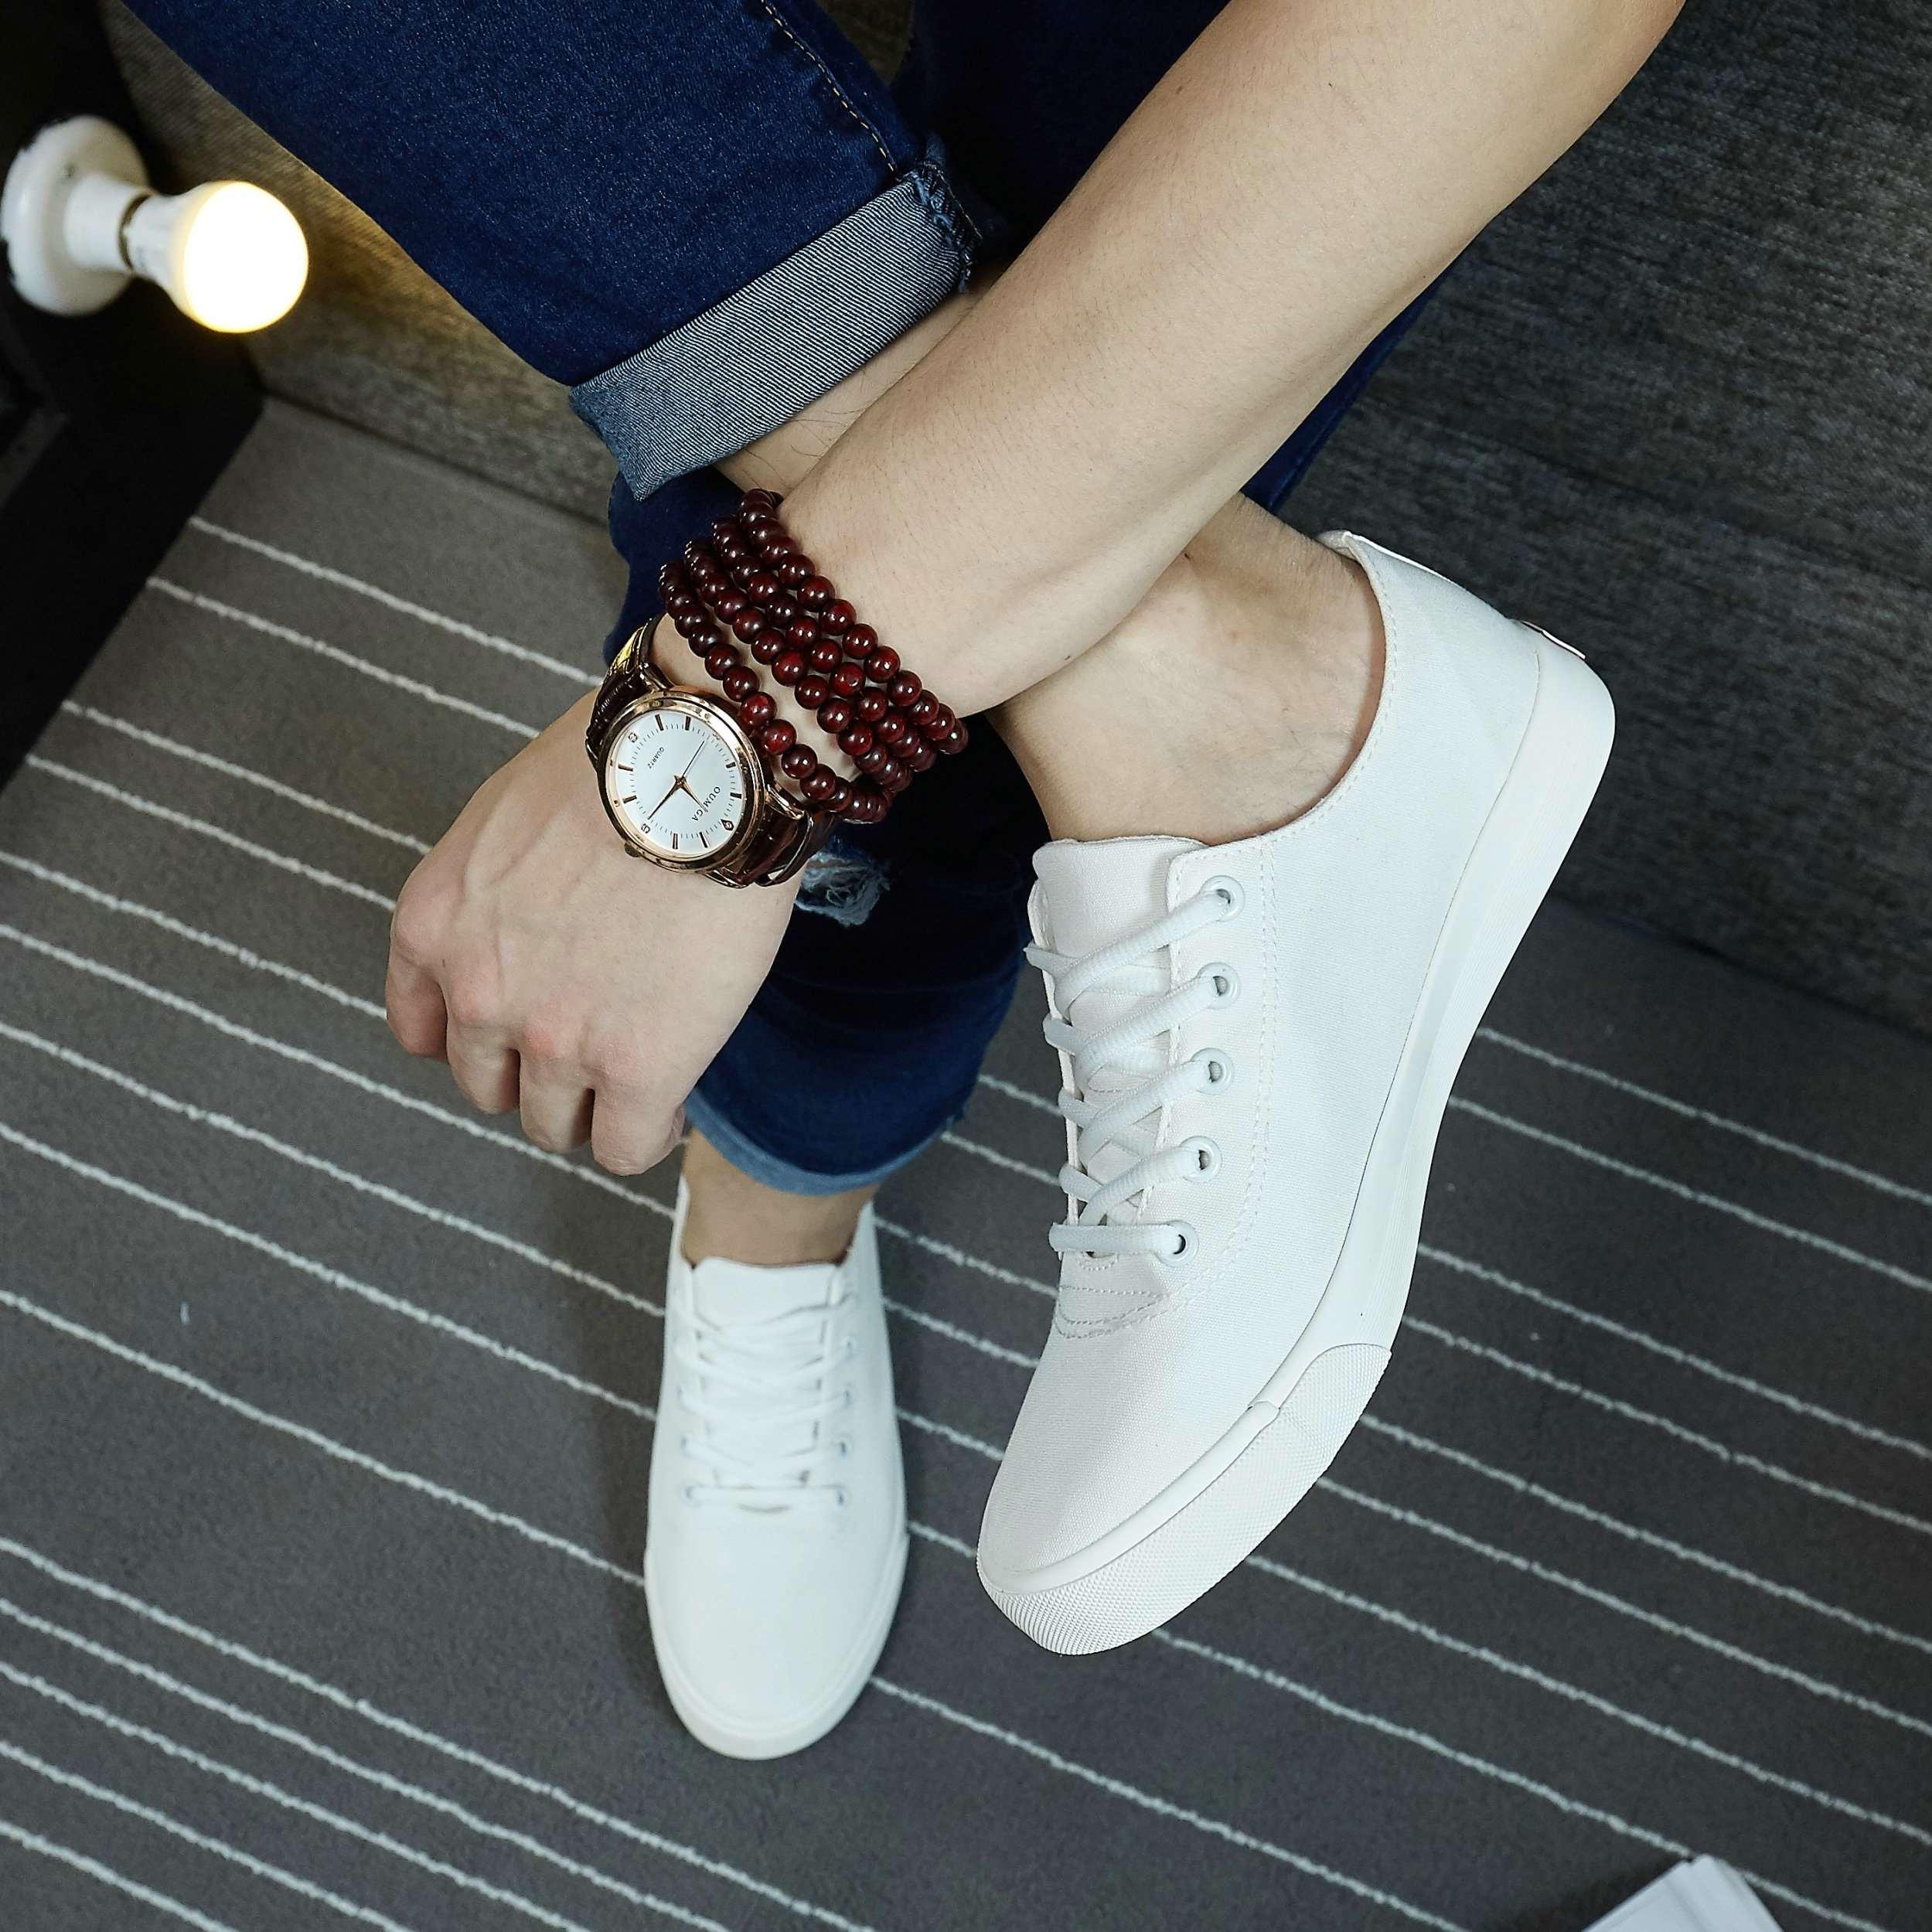 夏季新款纯色帆布鞋男时尚板鞋低帮系带男鞋青年韩版透气布鞋 男